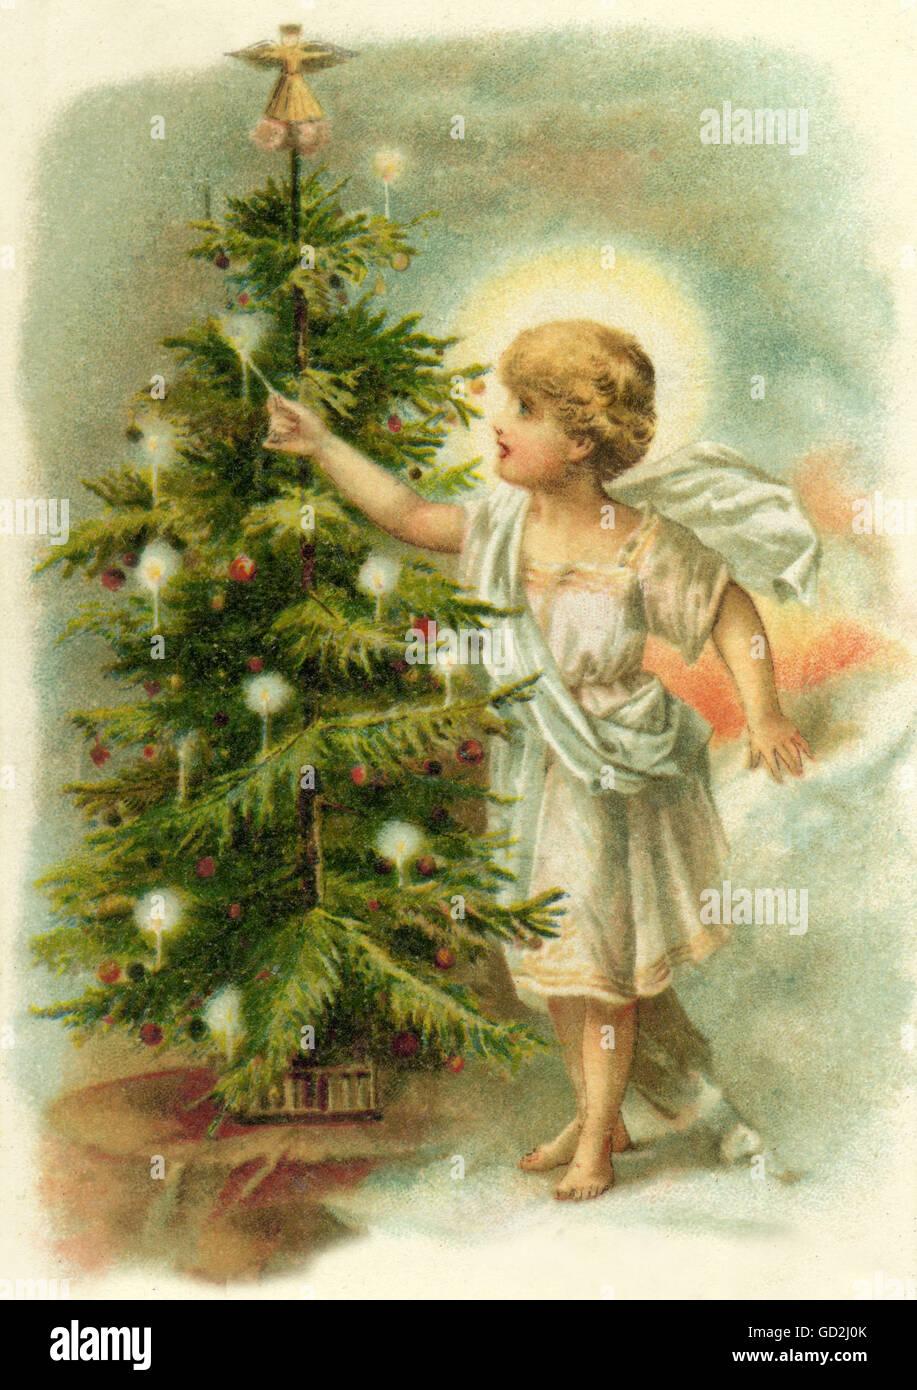 Fotos De Navidad Del Nino Jesus.Navidad El Nino Jesus Es Encender Velas En El Arbol De